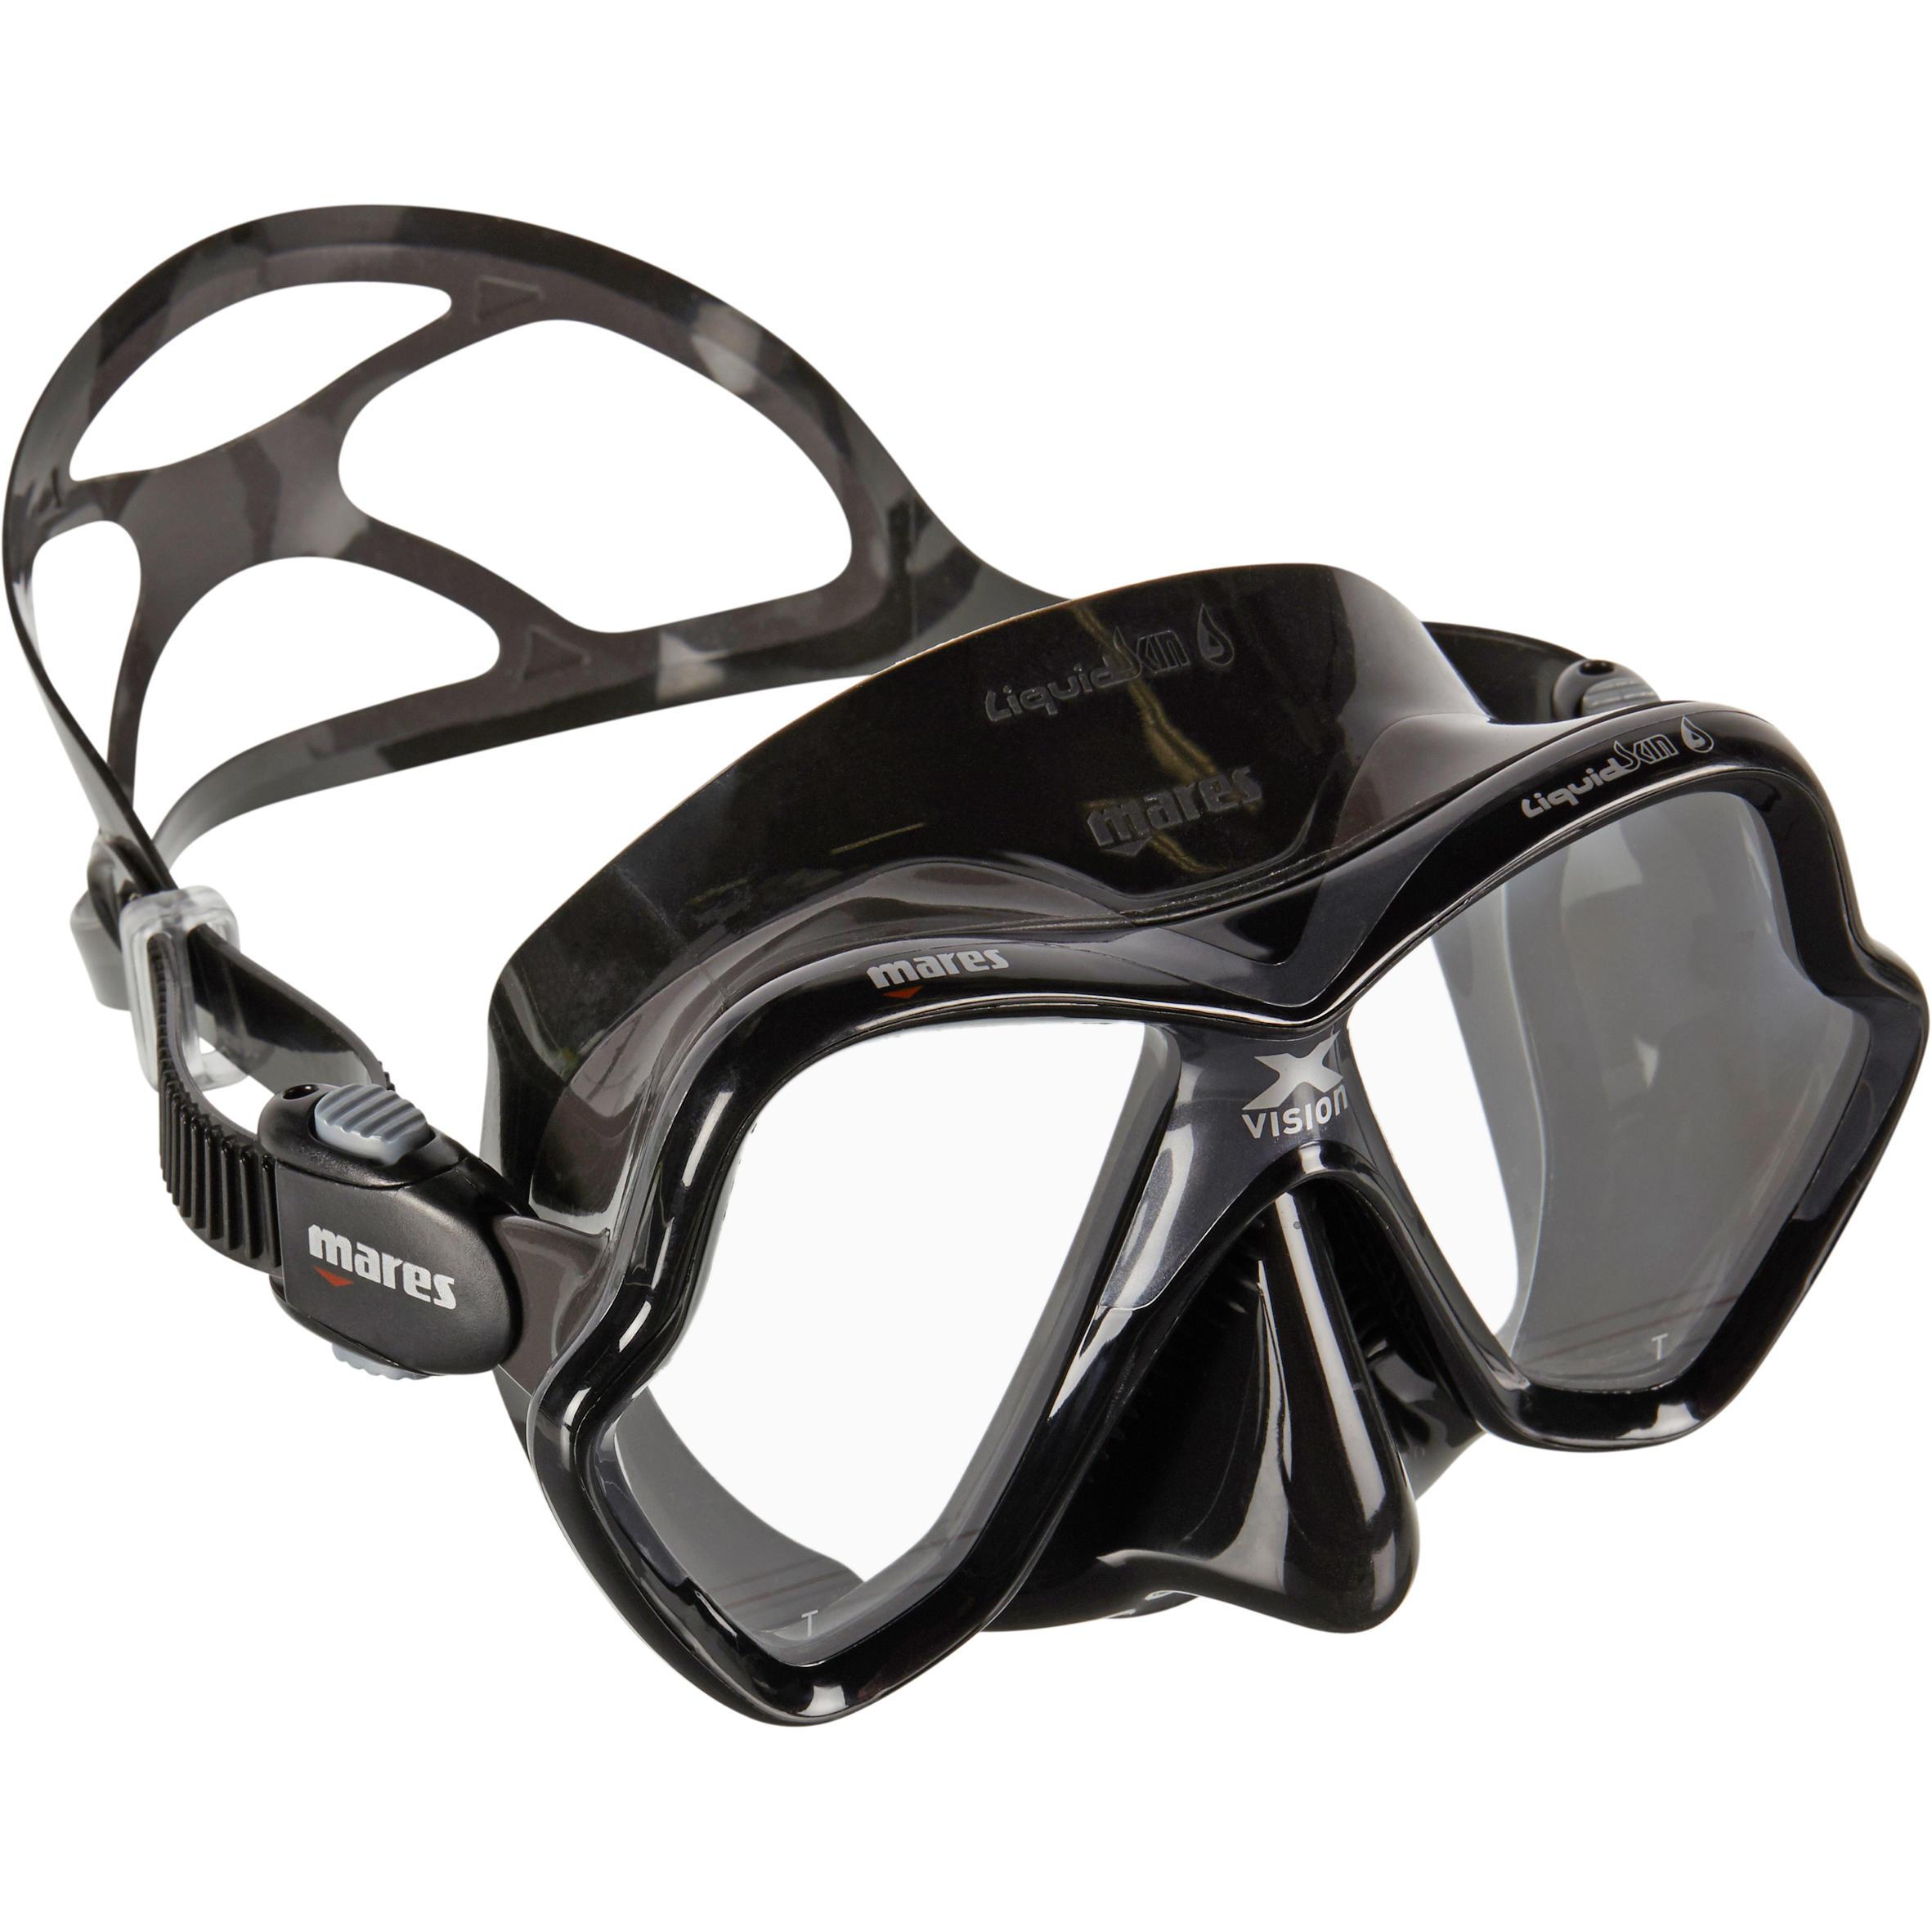 mares maschera subacquea x-vision liquid skin